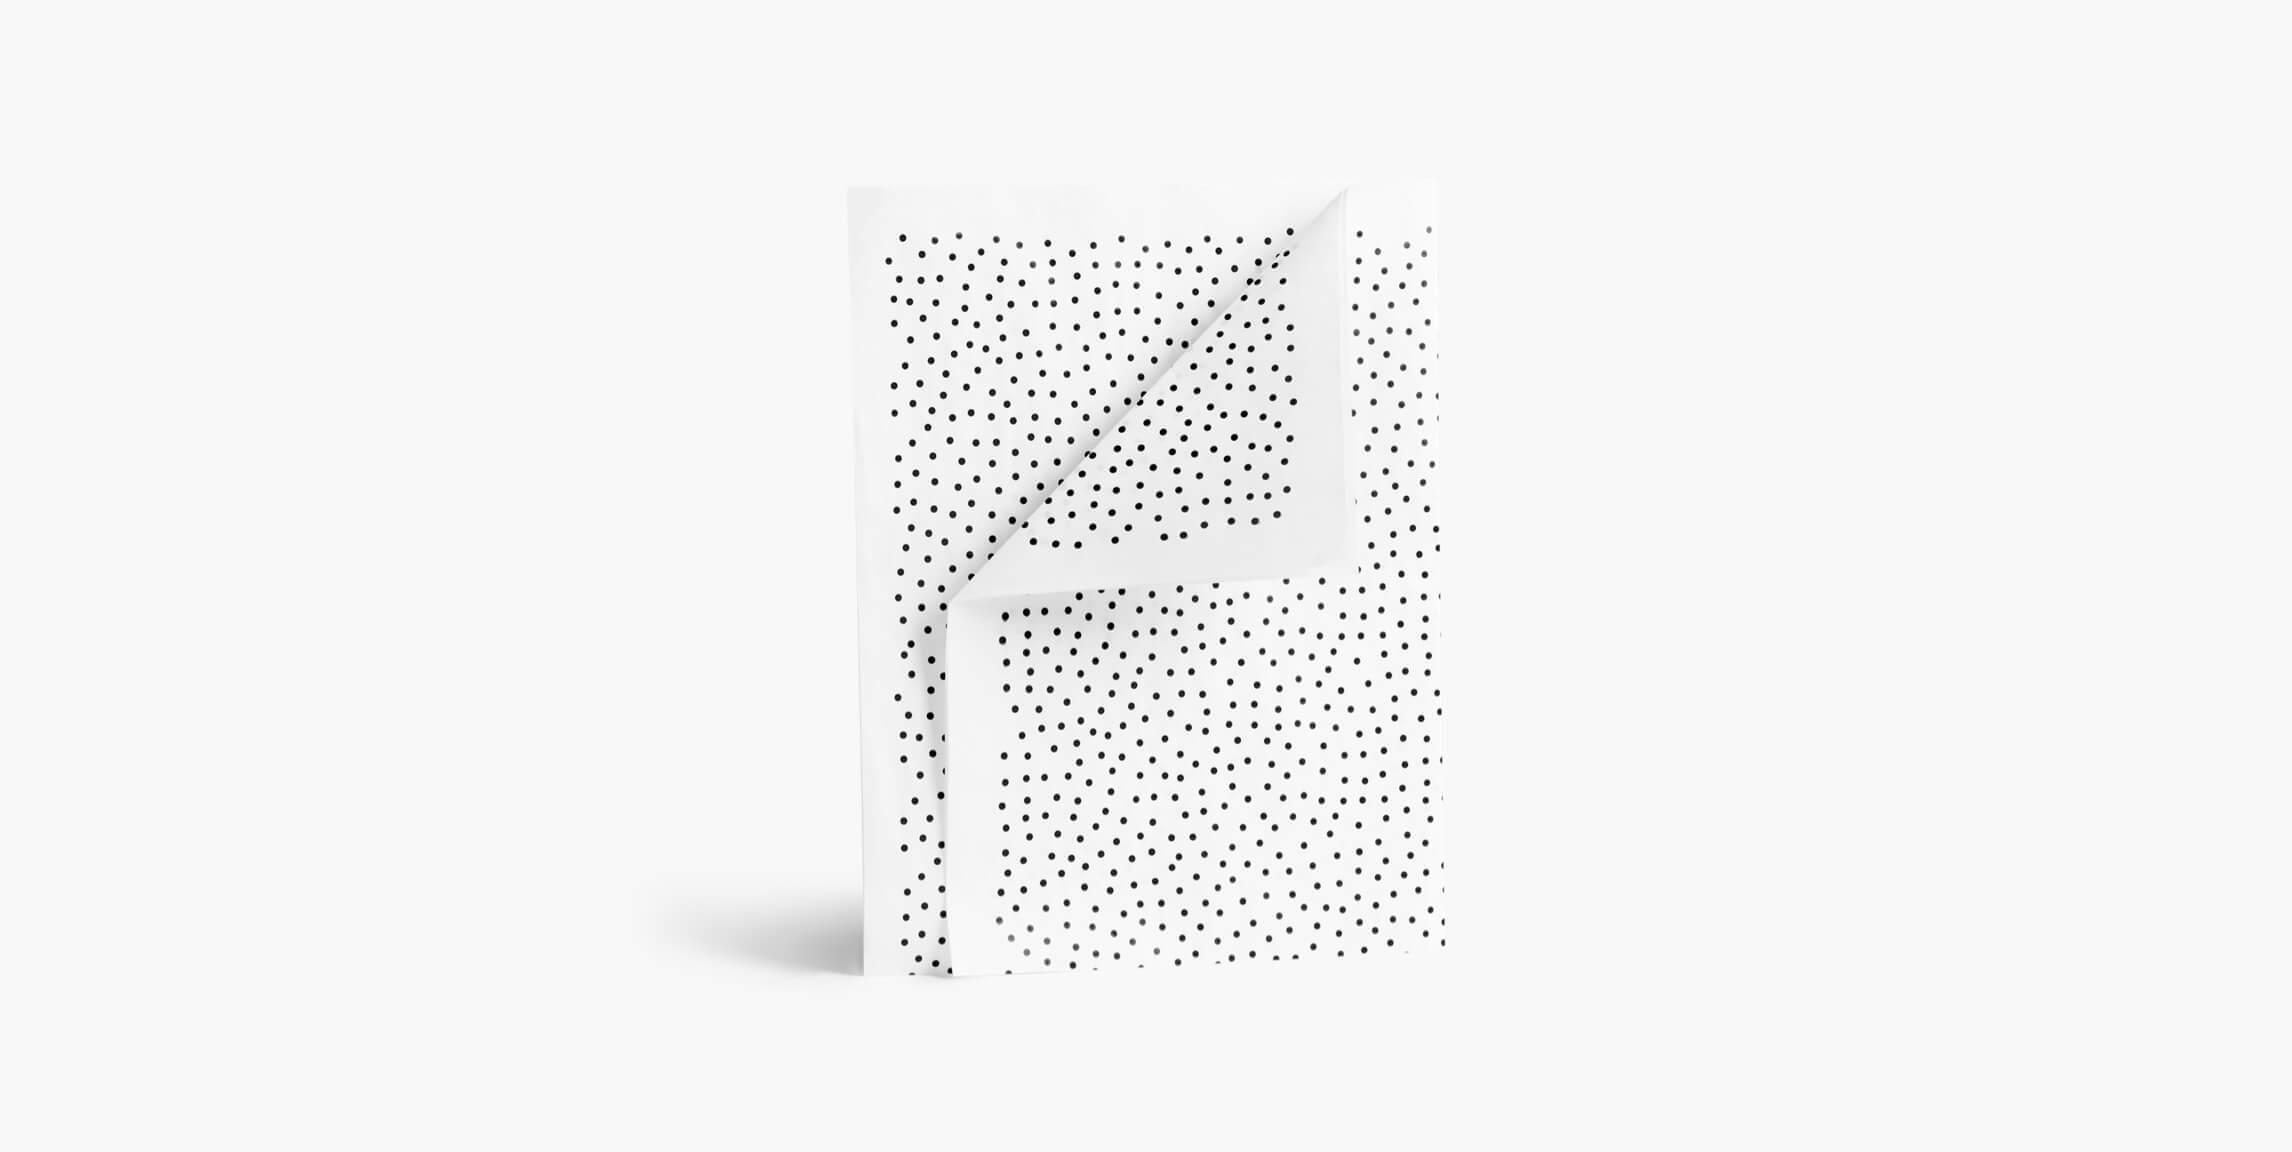 Papier de soie personnalisé - emballage personnalisé pour produits - Packhelp